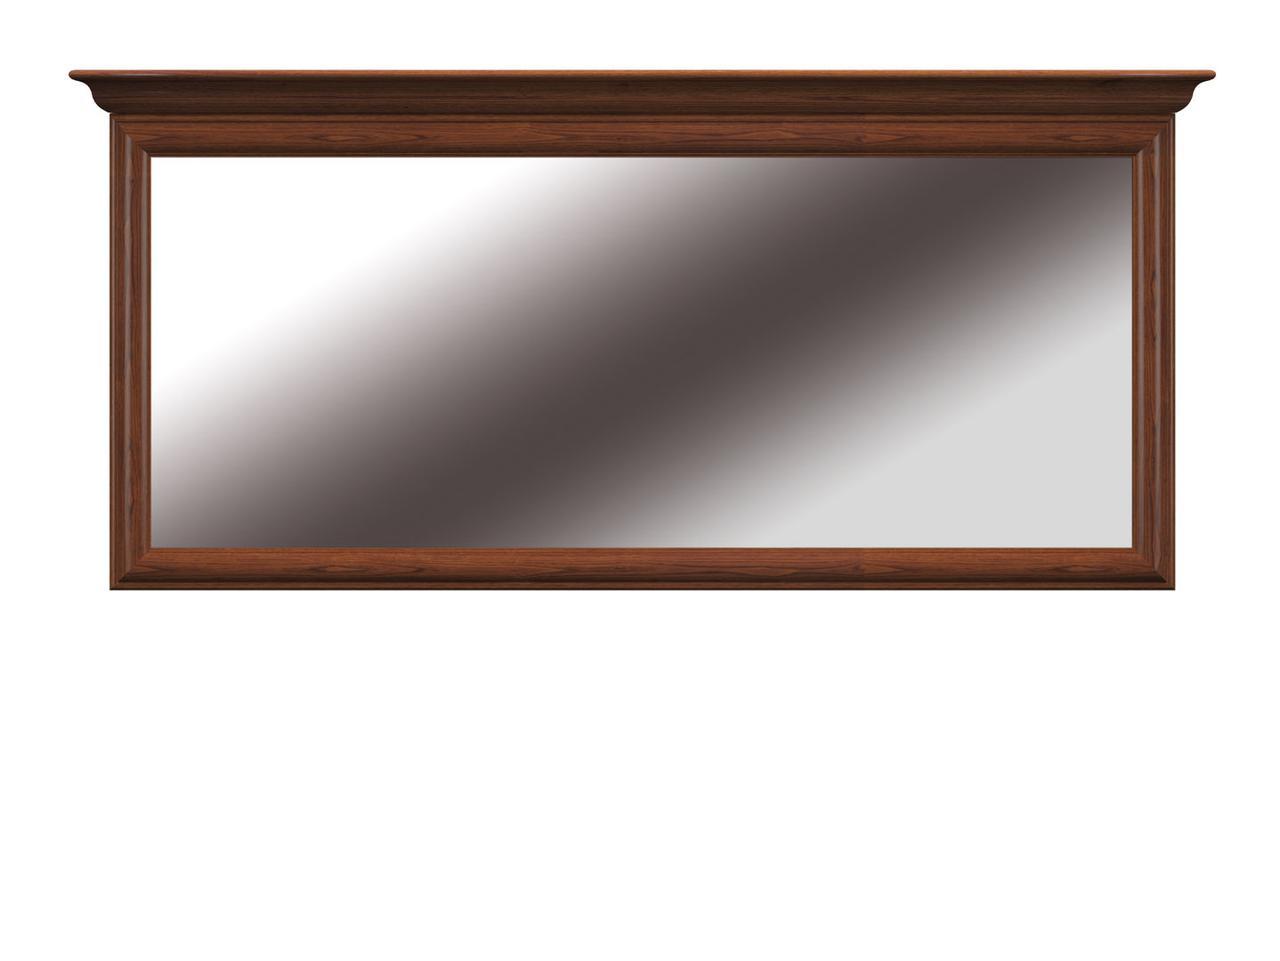 Зеркало в раме (Kentaki LUS155), коллекции Кентаки, Каштан, БРВ Брест (Беларусь)